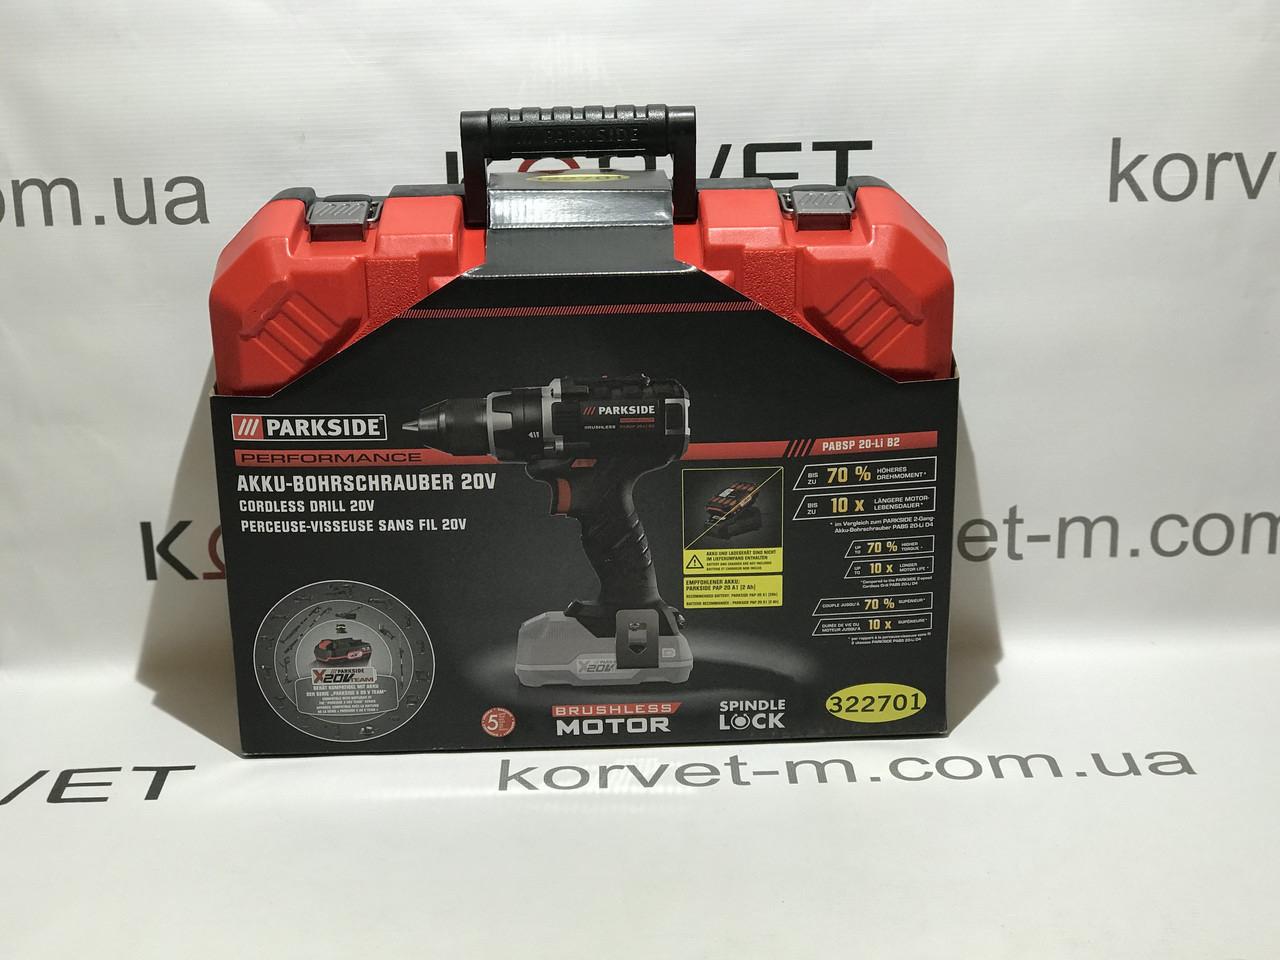 Безщеточный аккумуляторный шуруповерт Parkside Perfomance PABSP 20 Li